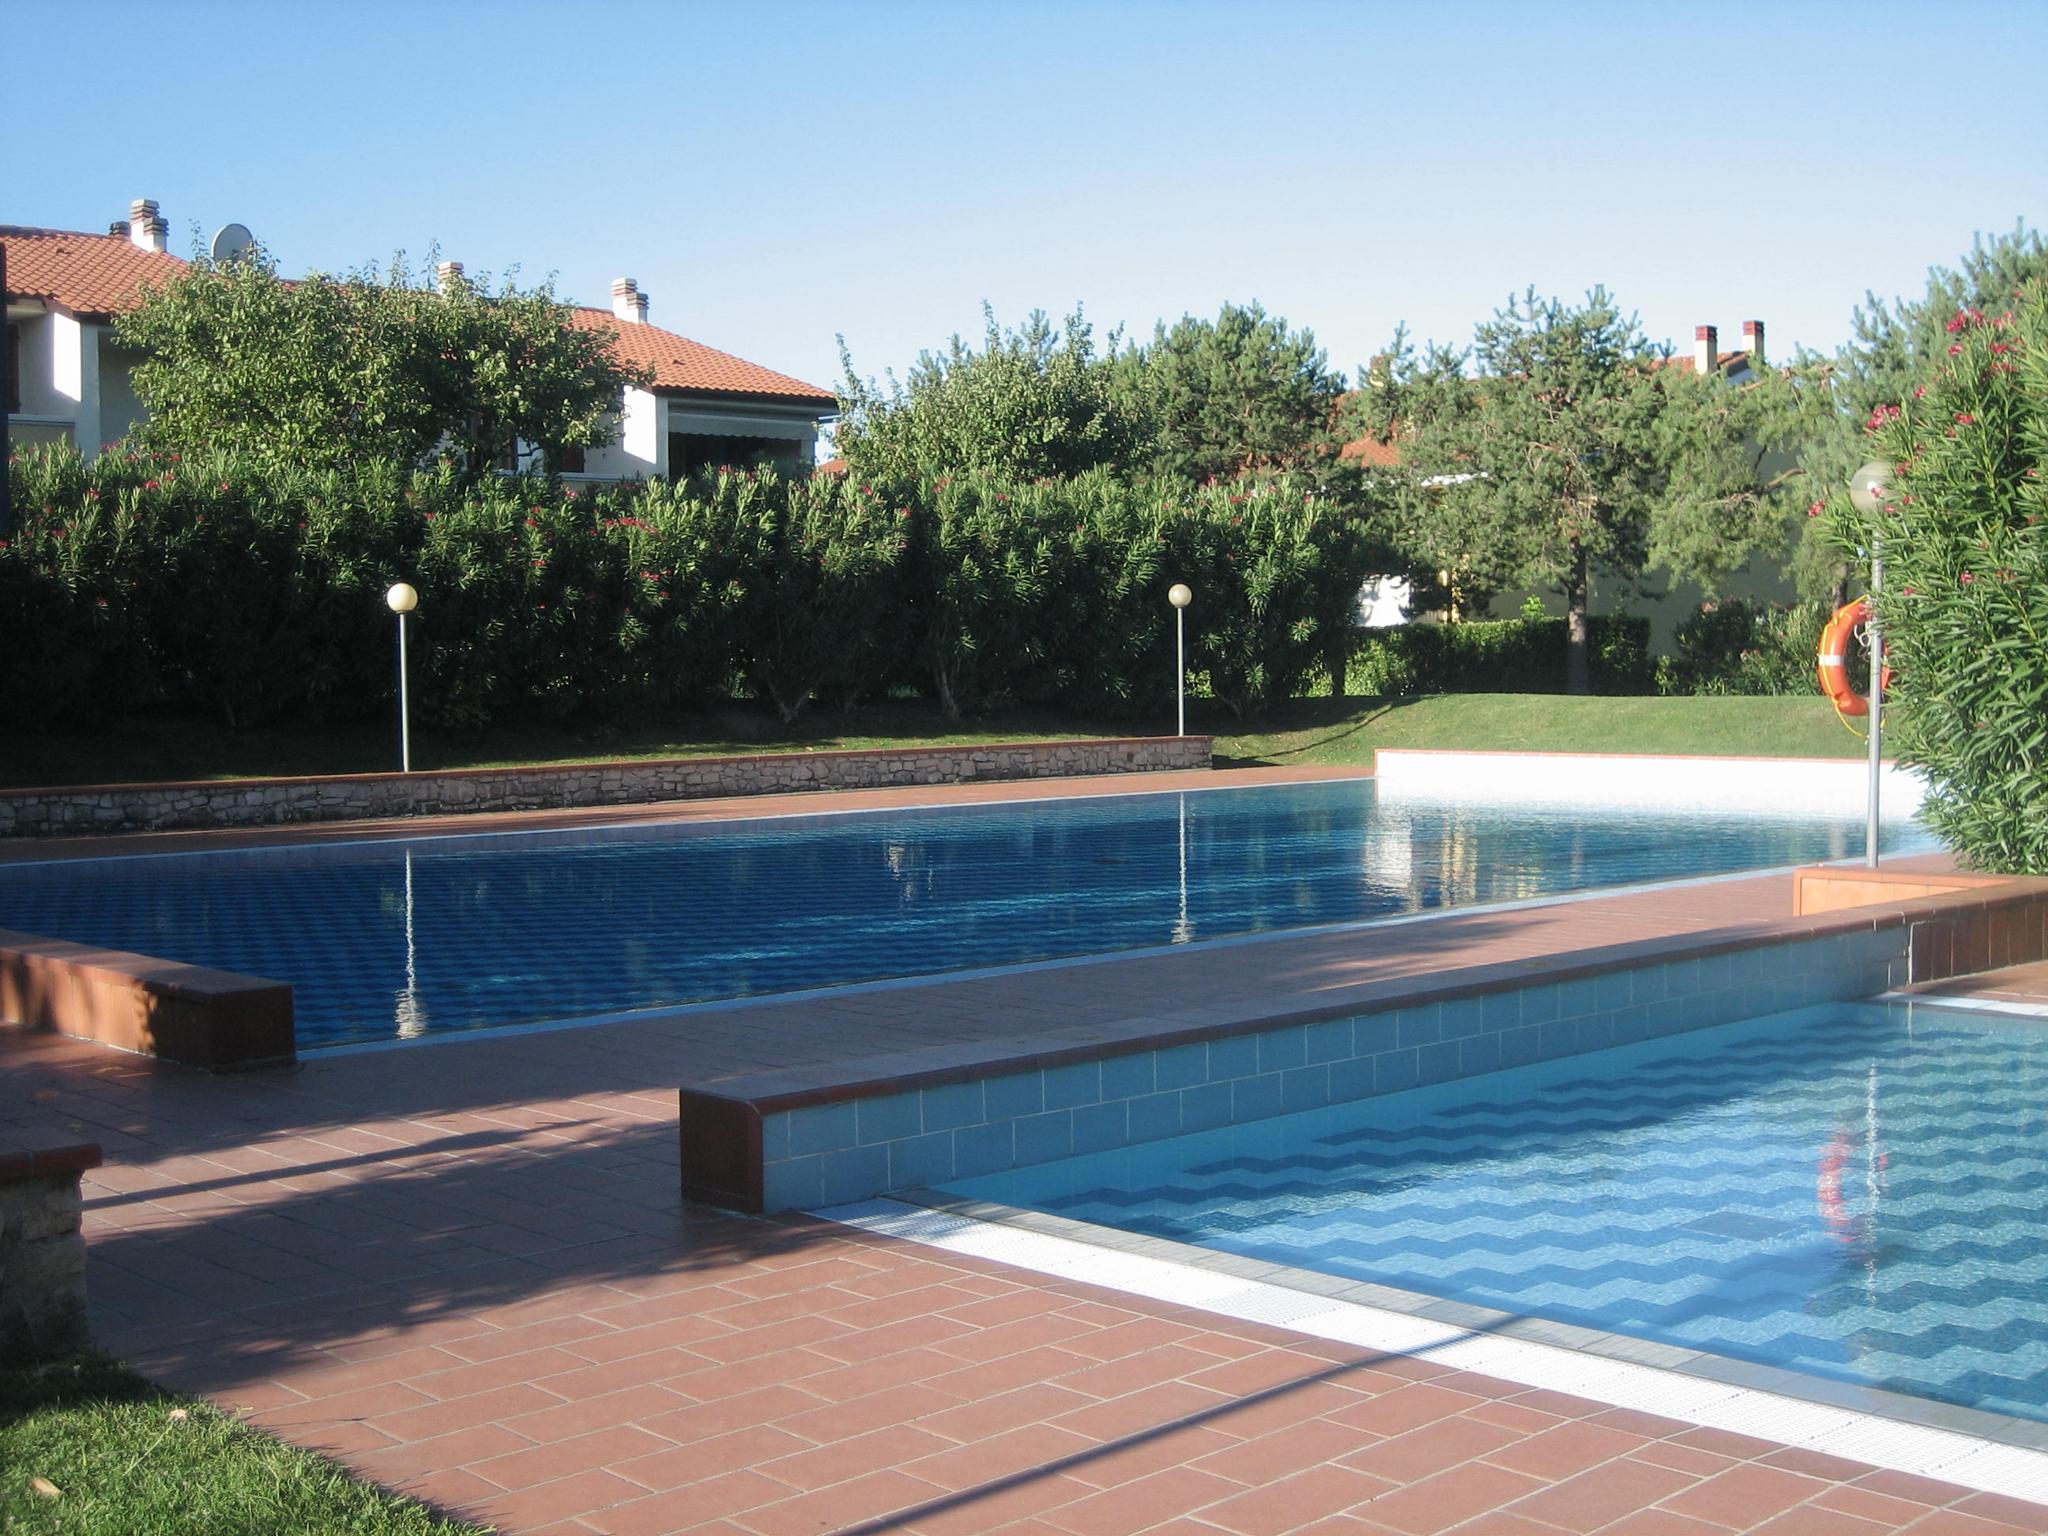 Ferienwohnung mit Pool (279598), Lazise, Gardasee, Venetien, Italien, Bild 4